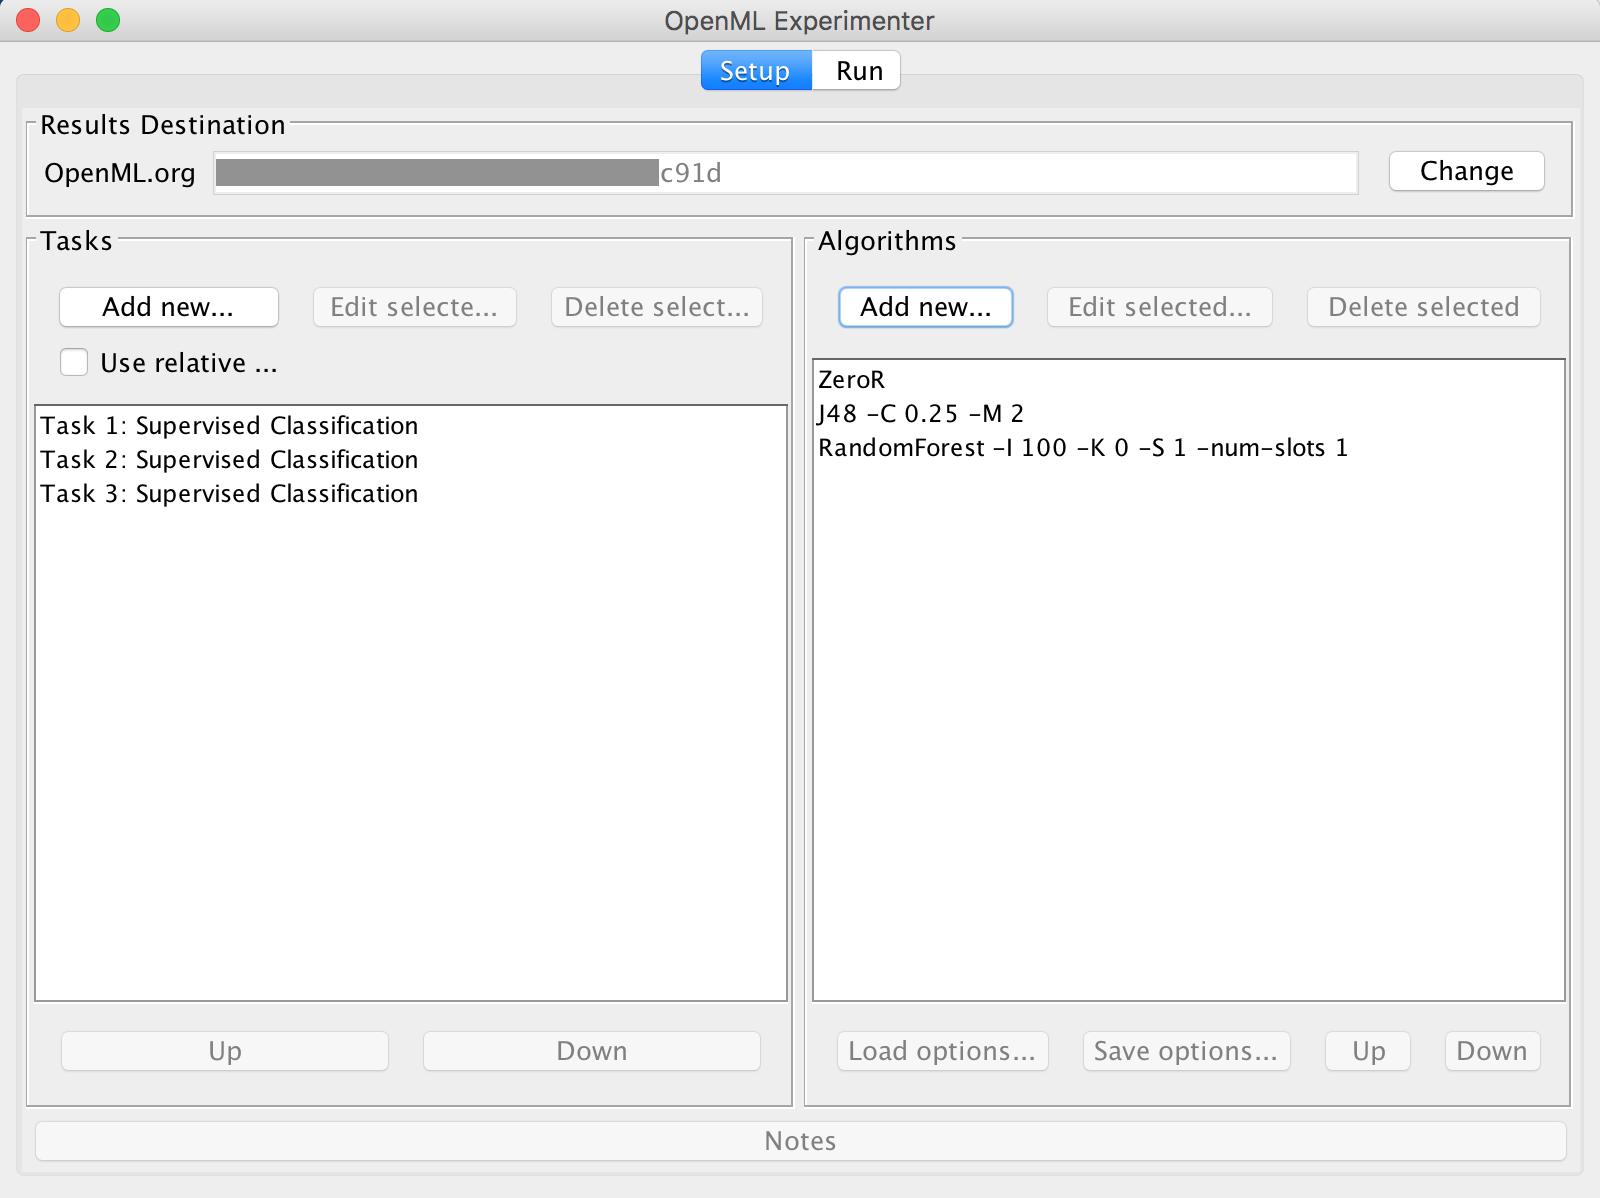 OpenML Experimenter